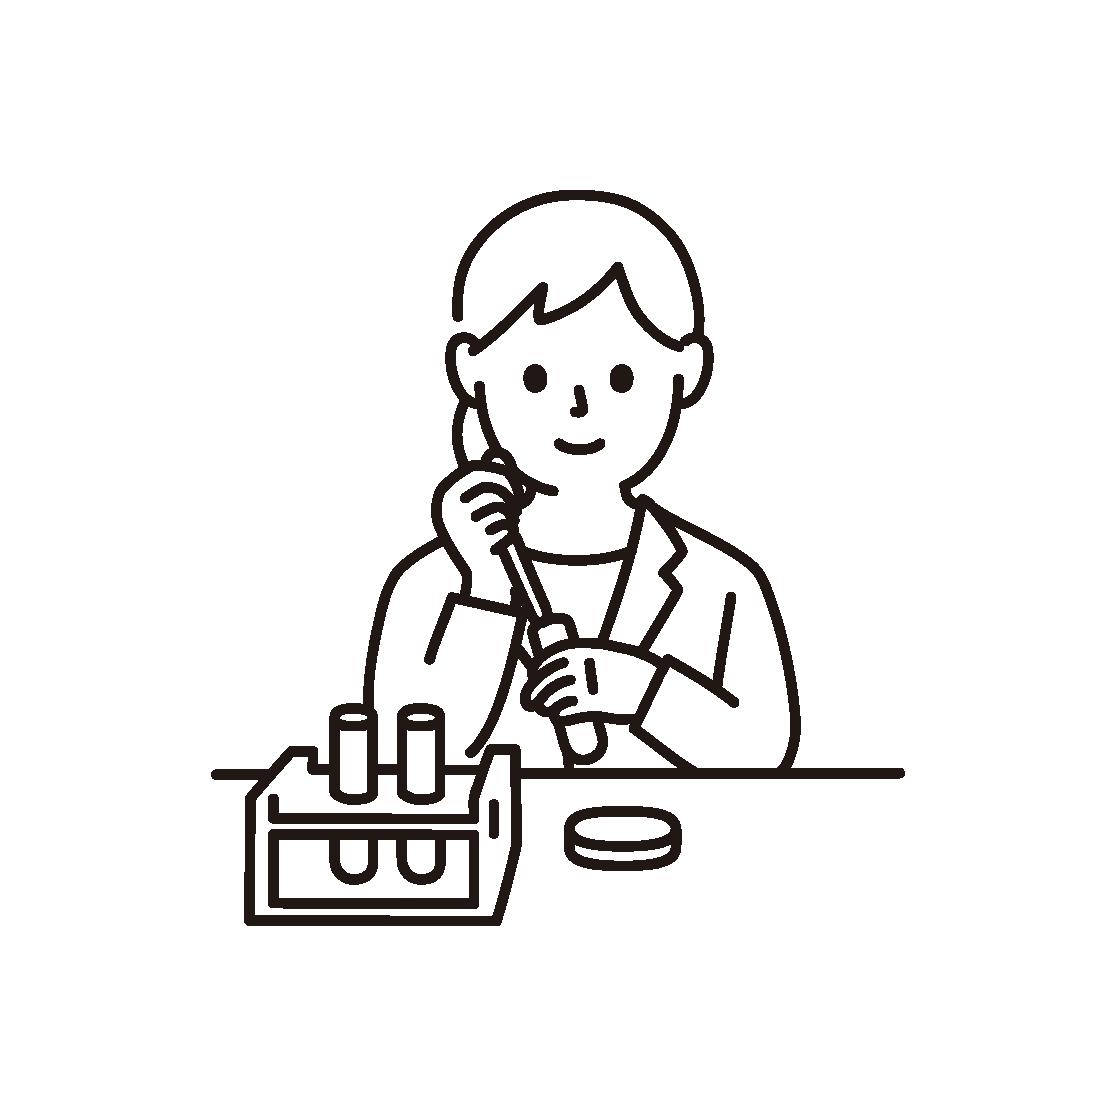 研究・科学実験をする女性の線画イラスト